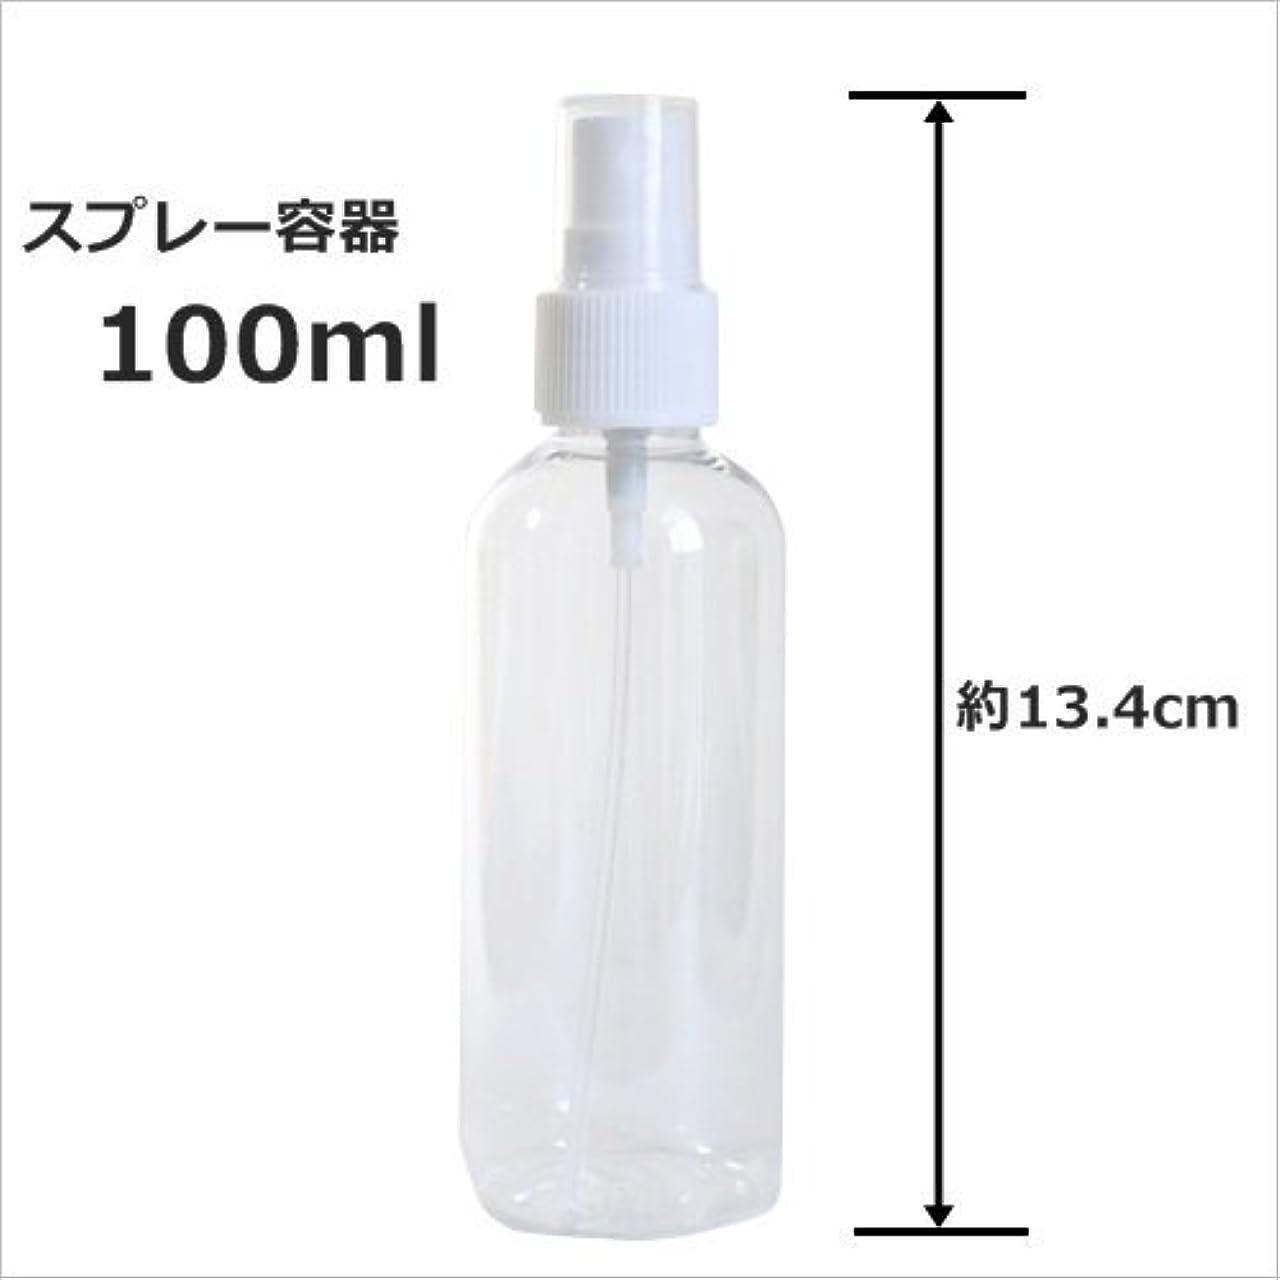 華氏アンテナ水没スプレーボトル 100ml プラスチック容器 happy fountain